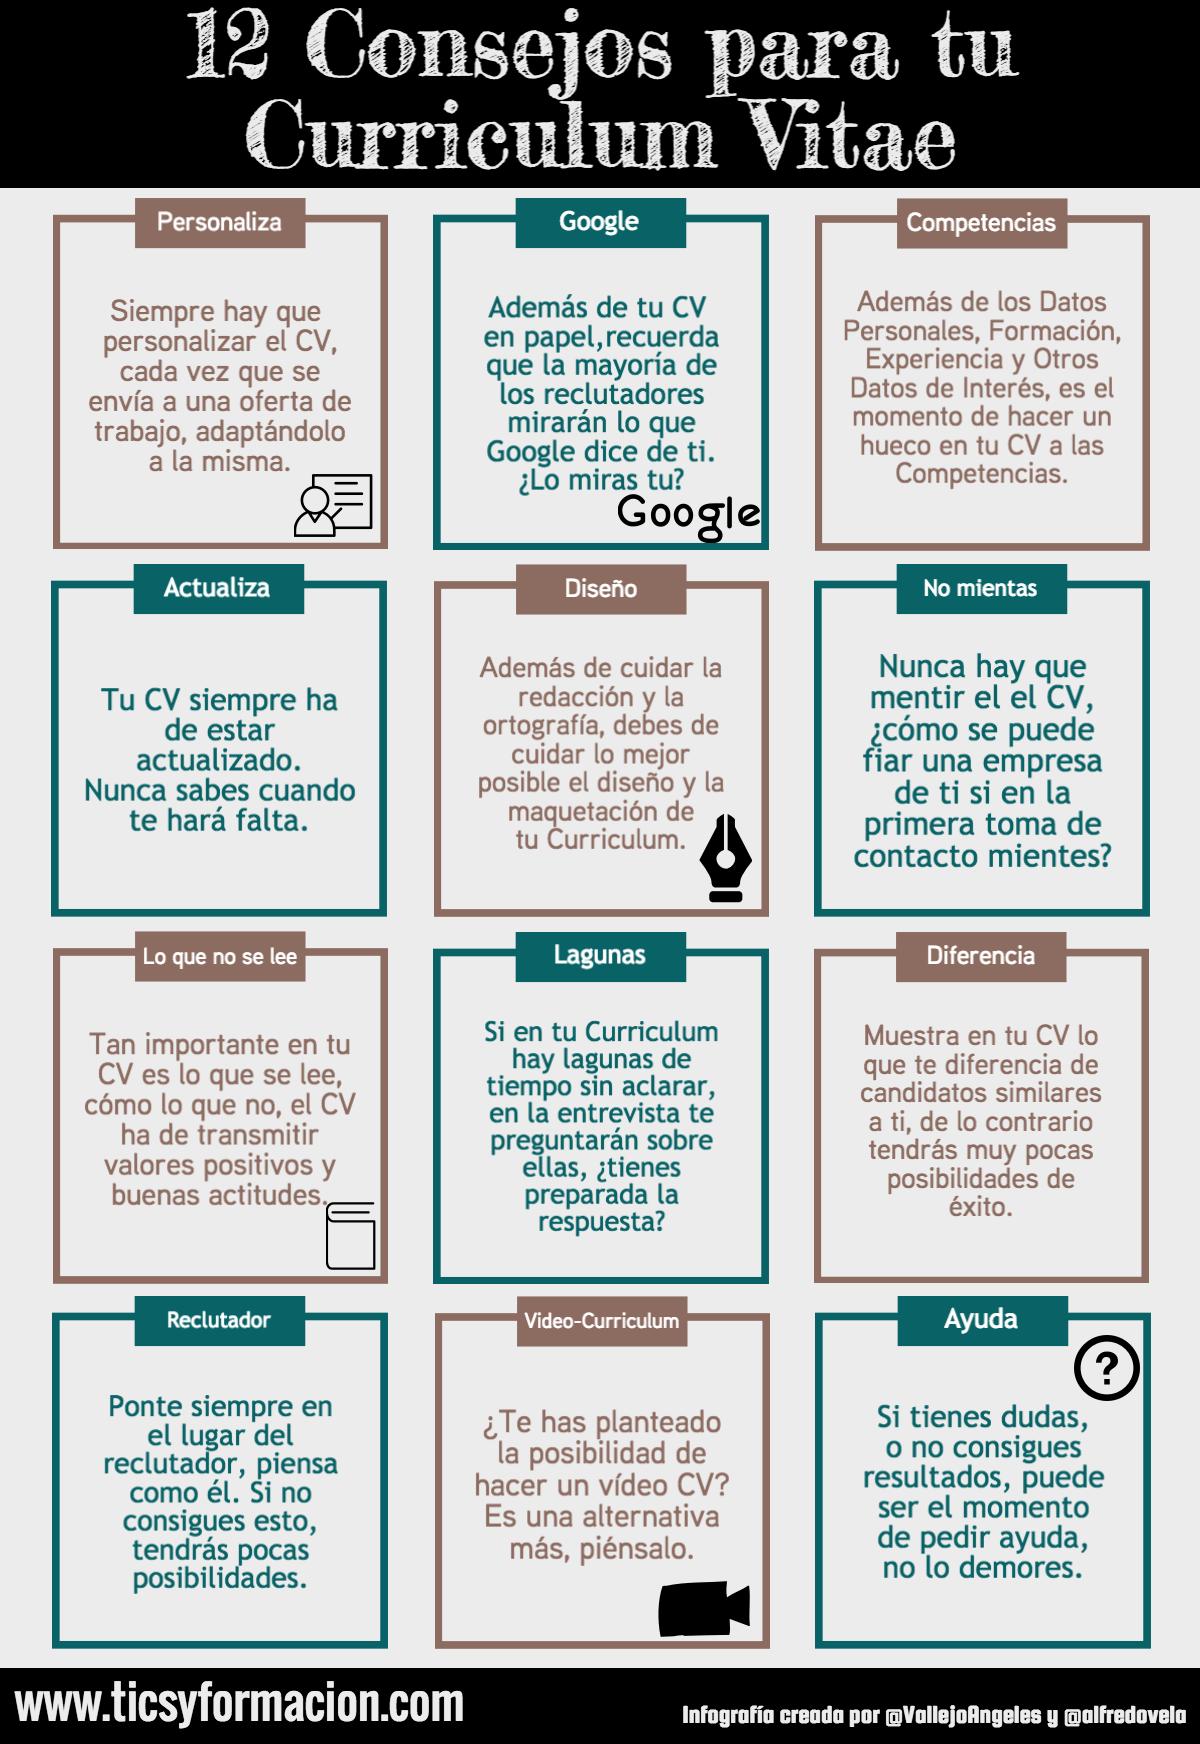 12 consejos para tu Curriculum Vitae #infografia #infographic ...